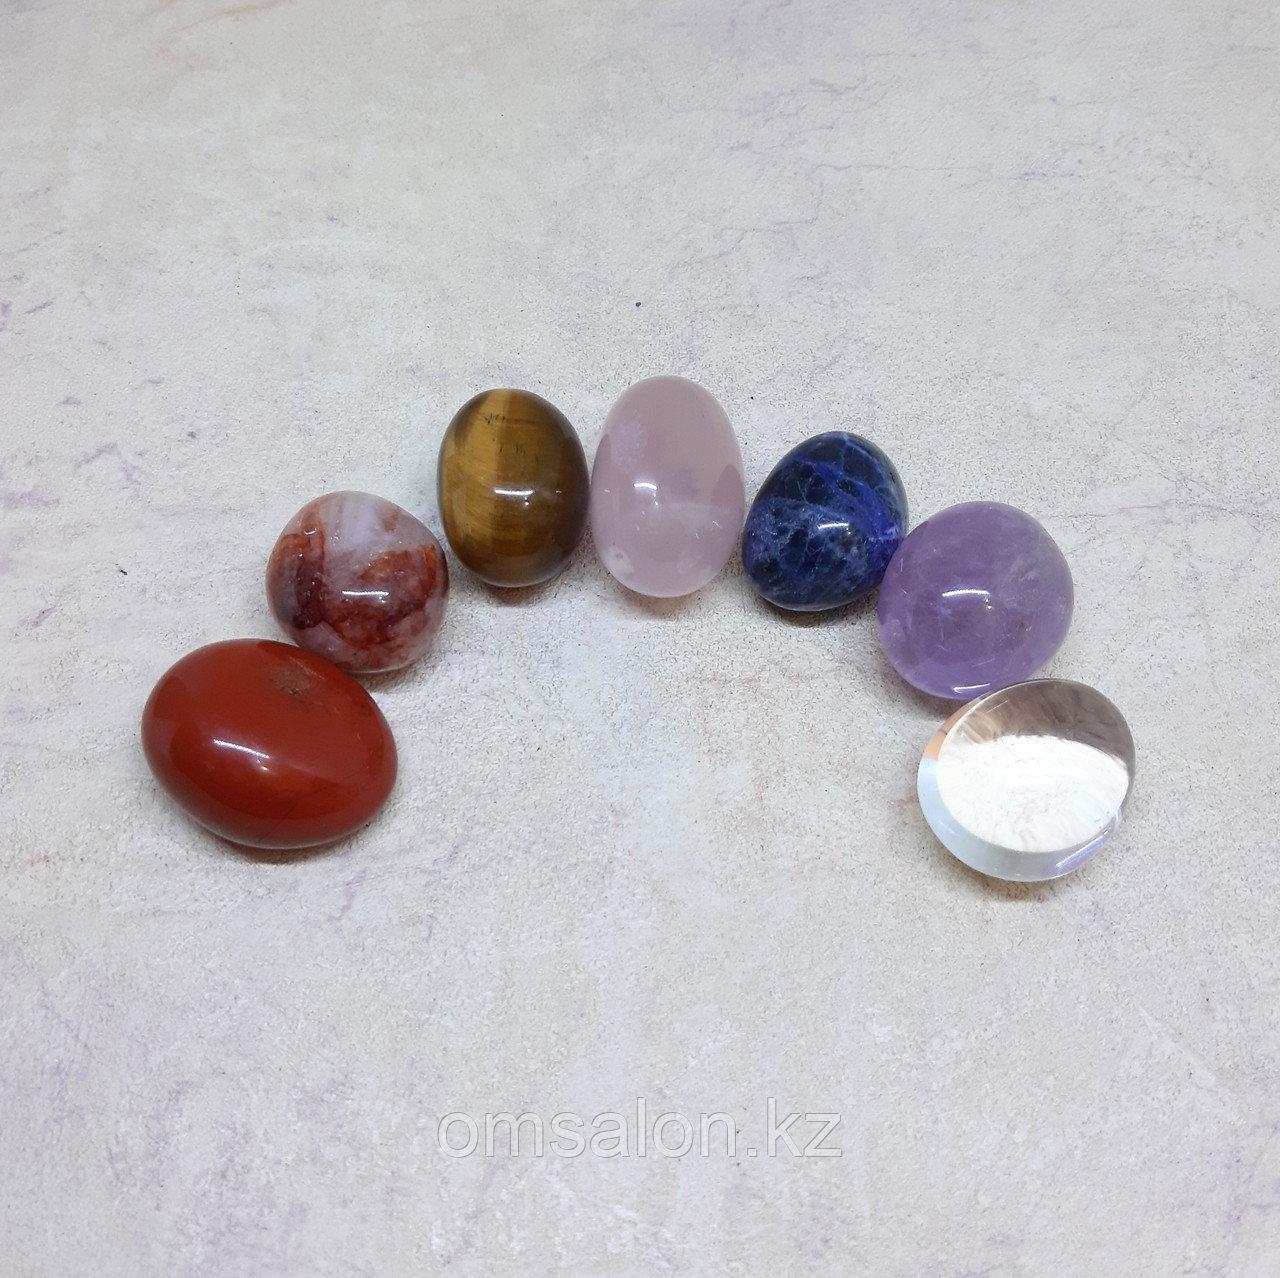 Чакровый набор из 7 минералов